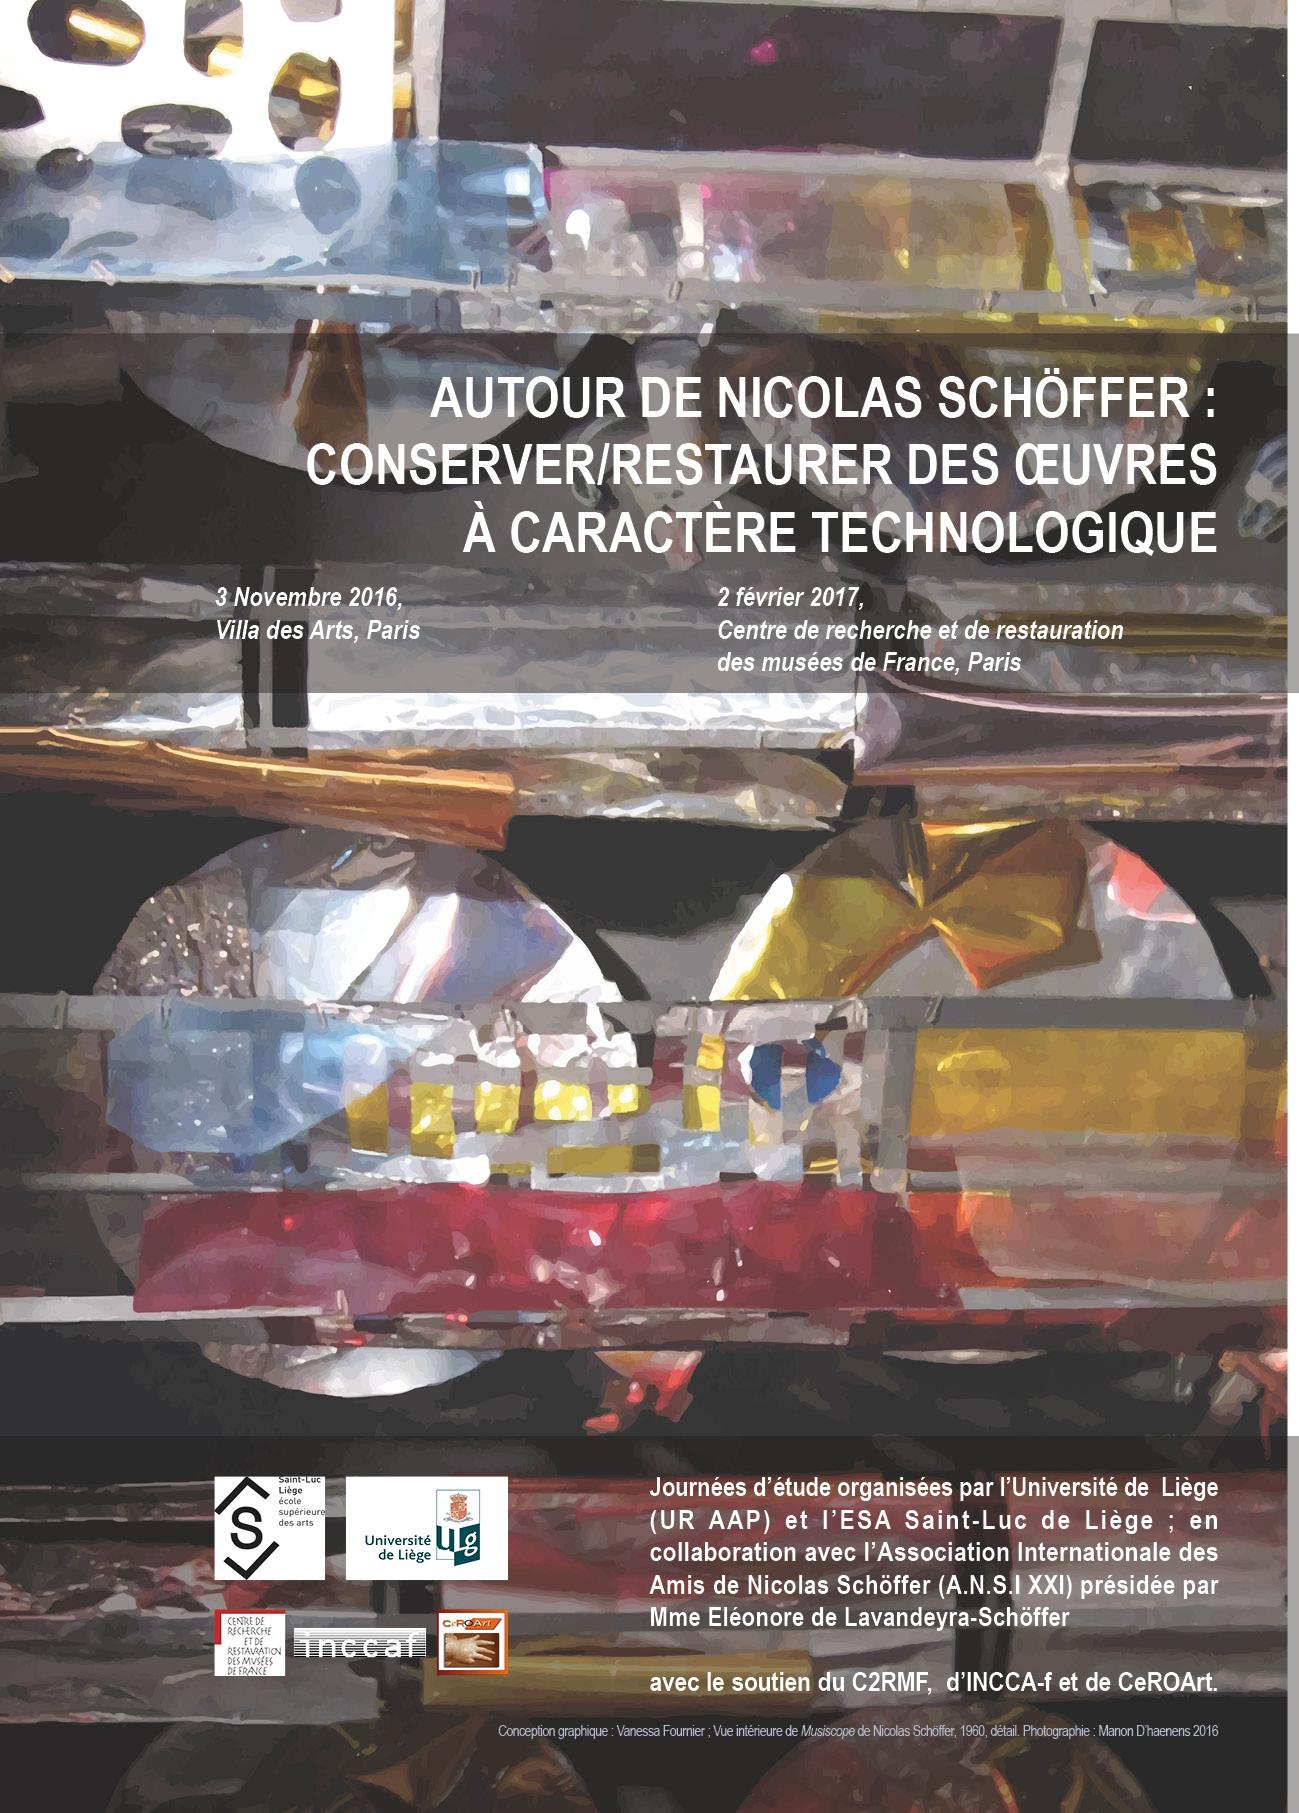 nicolas-schoffer-affiche-18-10